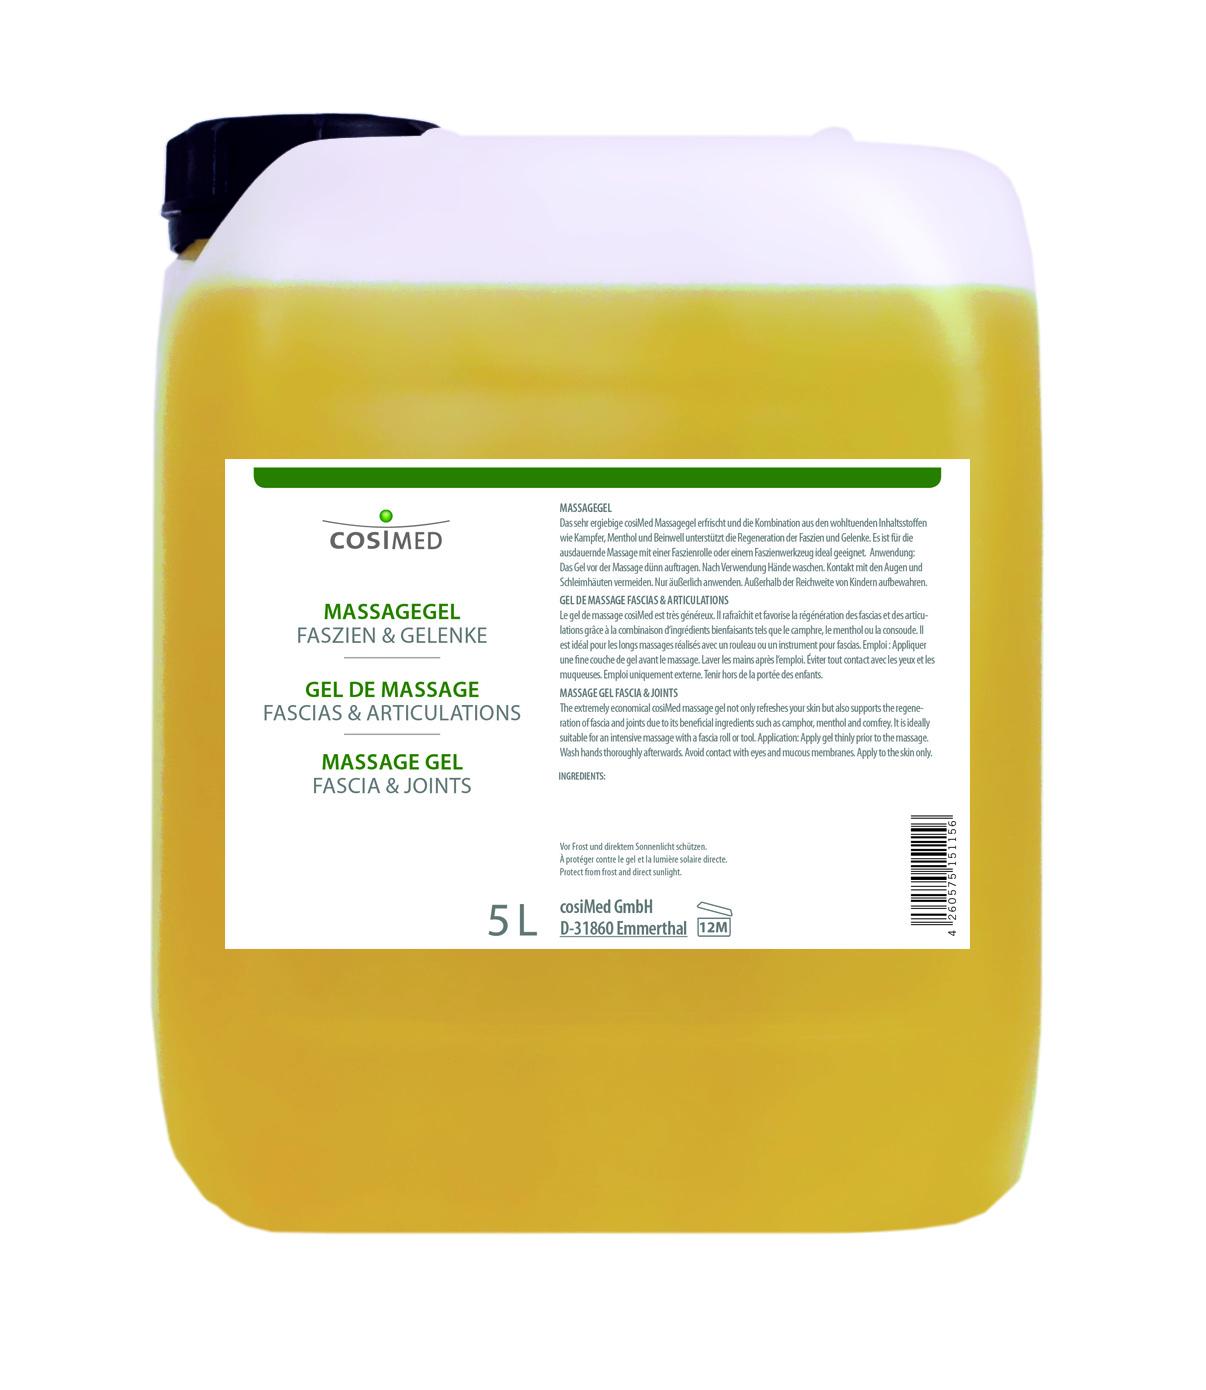 cosiMed Massagegel 5 Liter Kanister